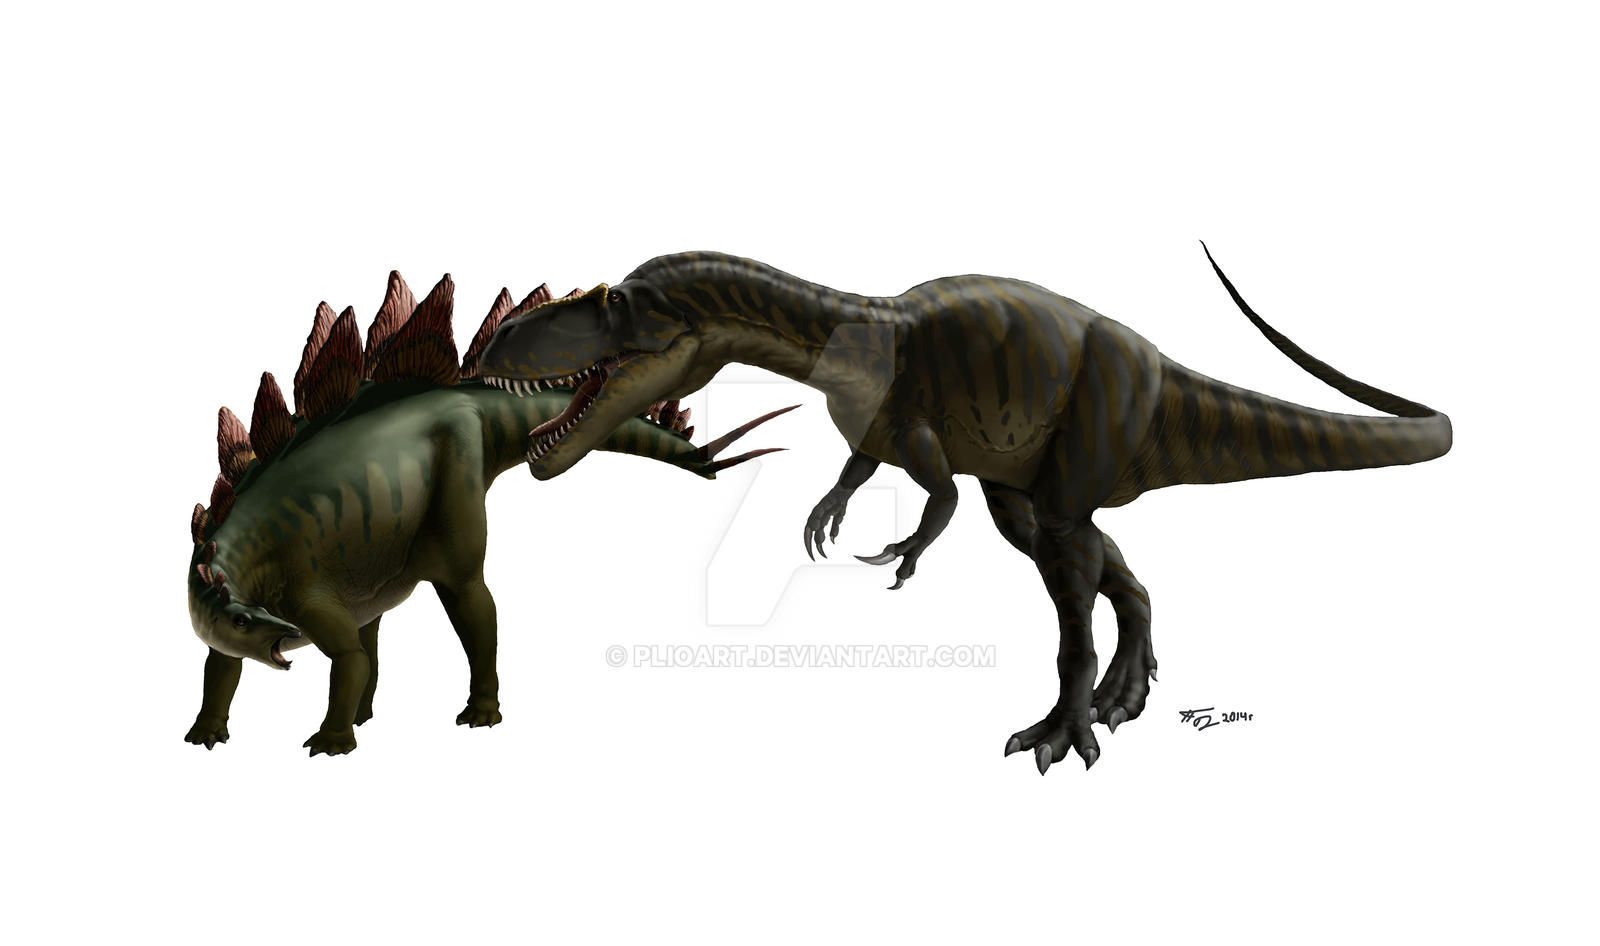 Resultado de imagen para torvosaurus vs dryosaurus